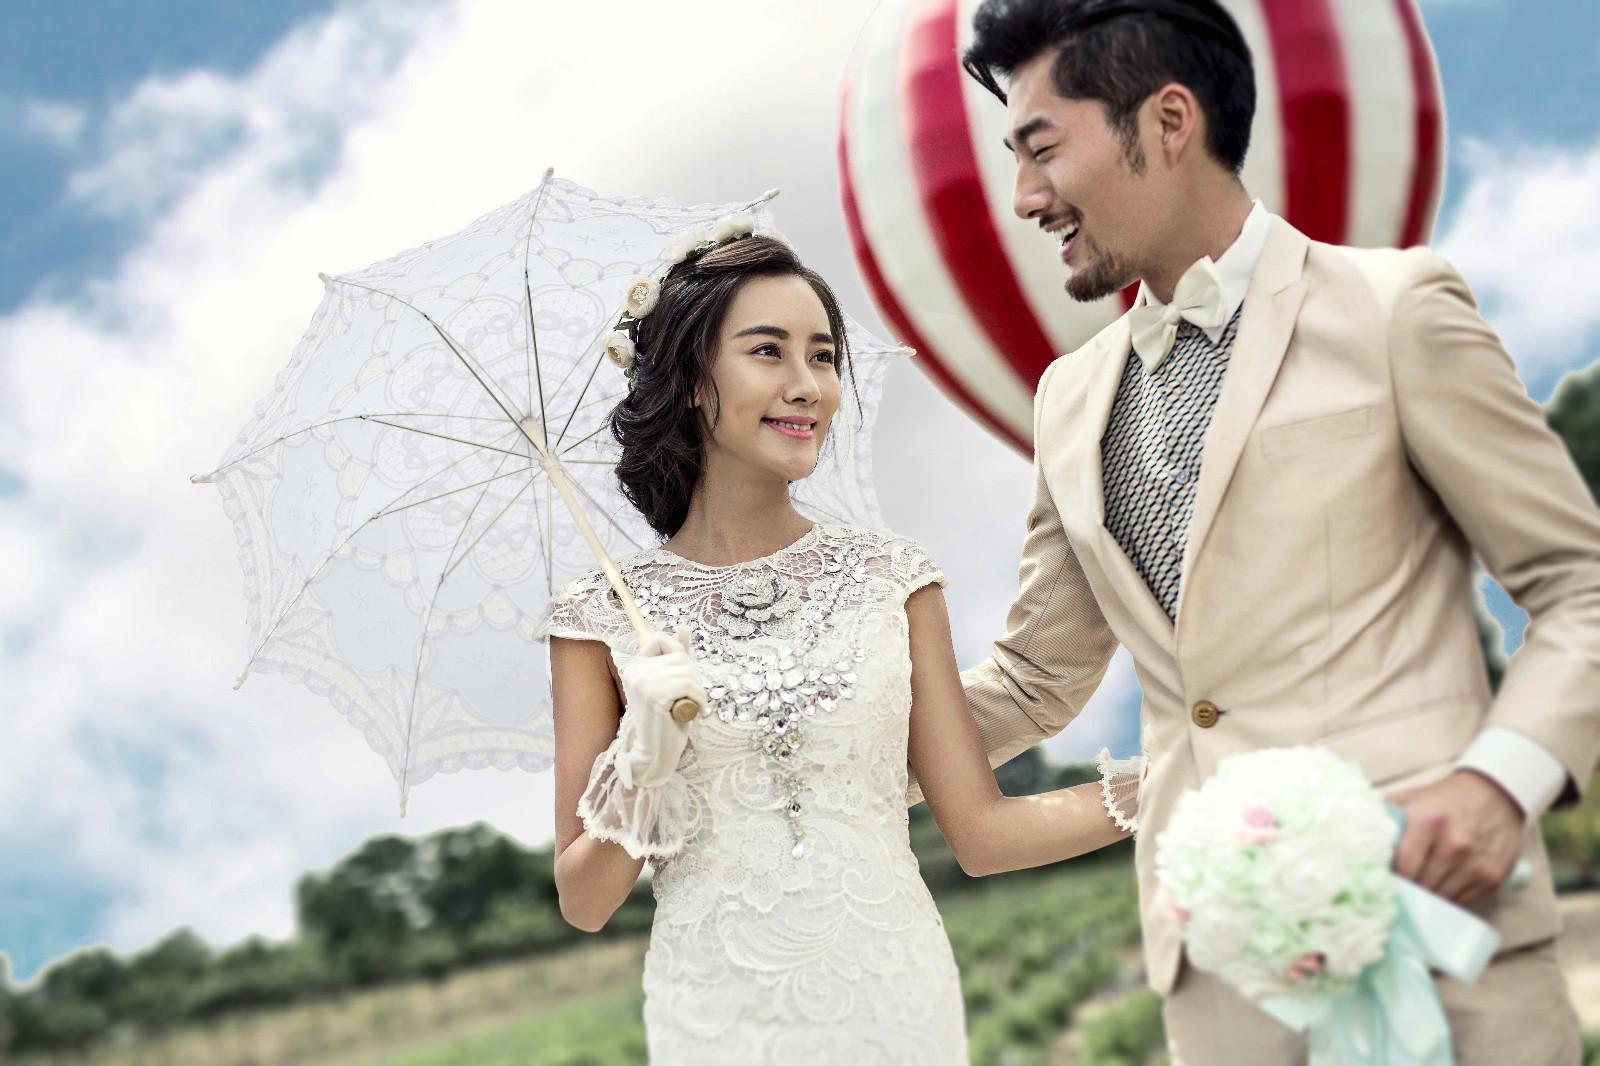 了解昆明婚纱摄影,拍出美丽婚纱照